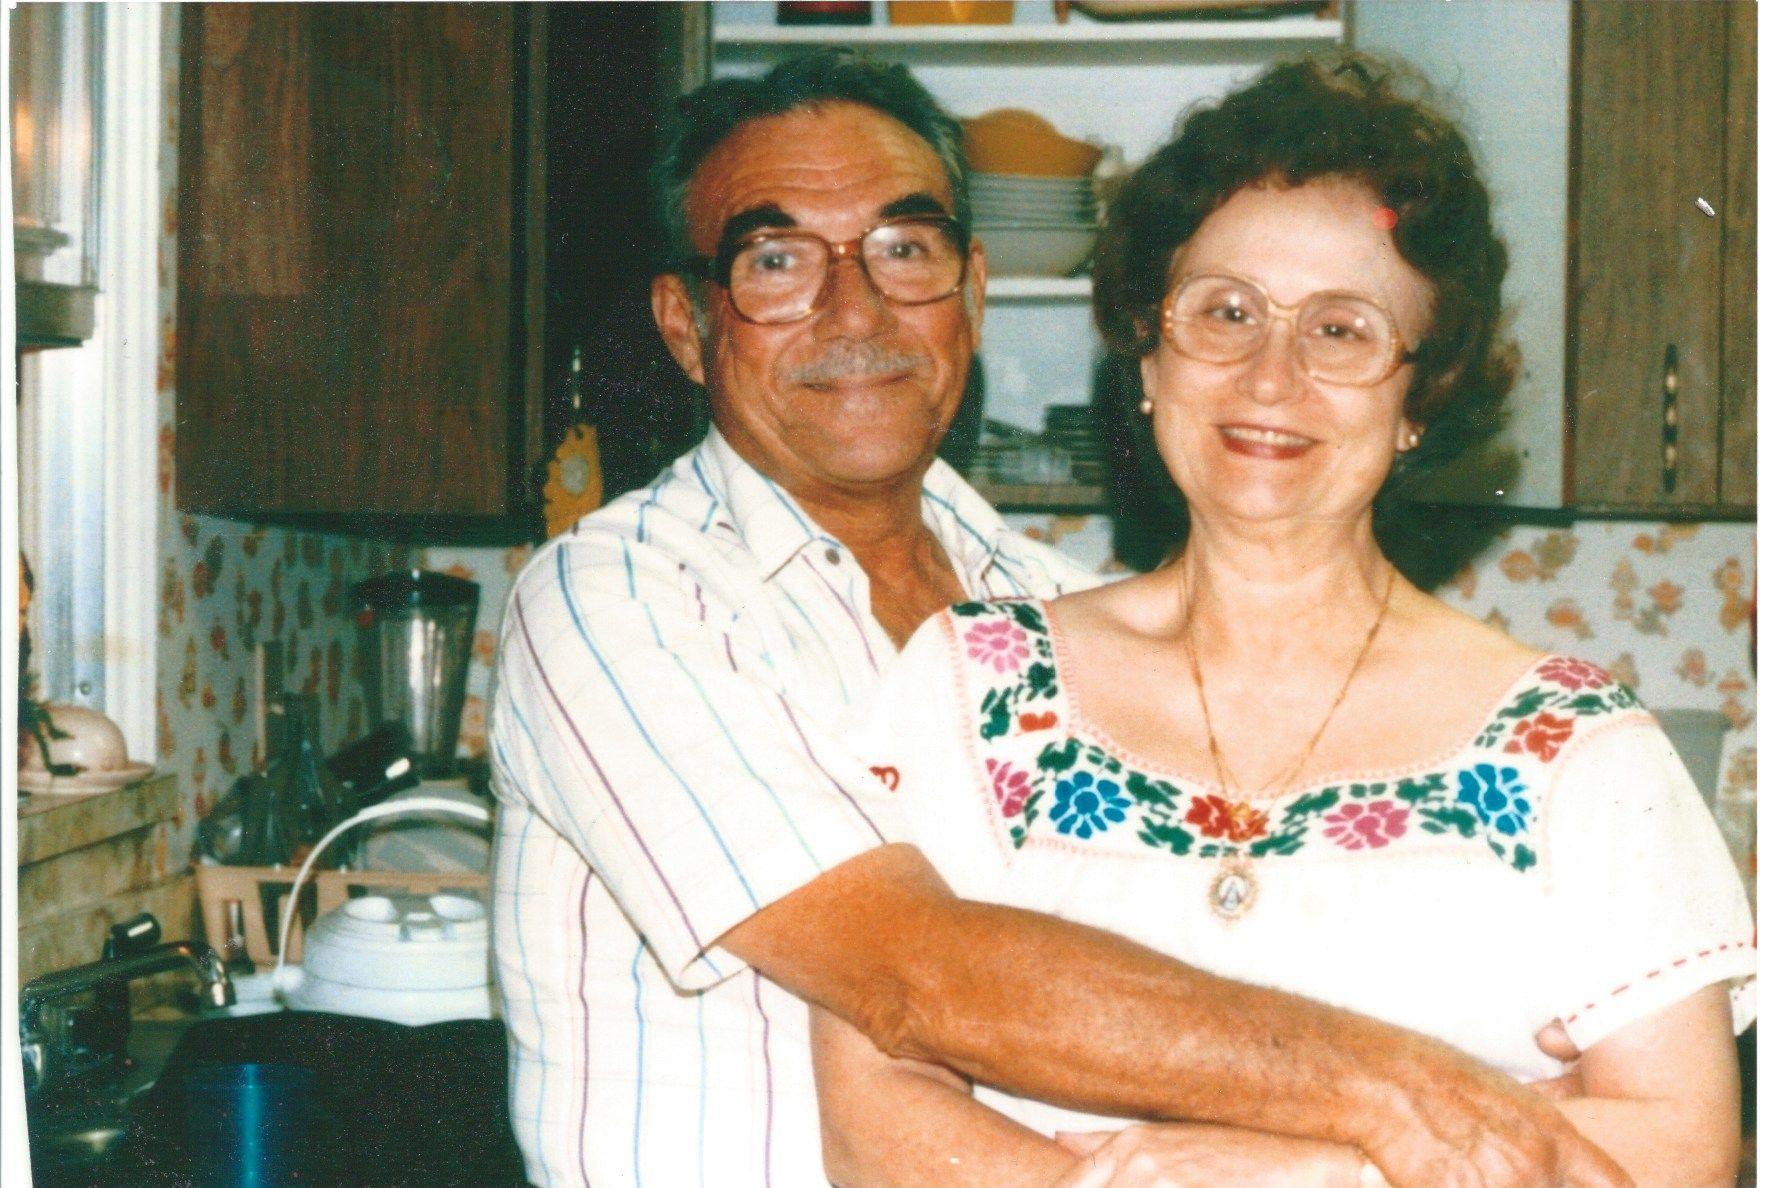 Olga and Gaspar